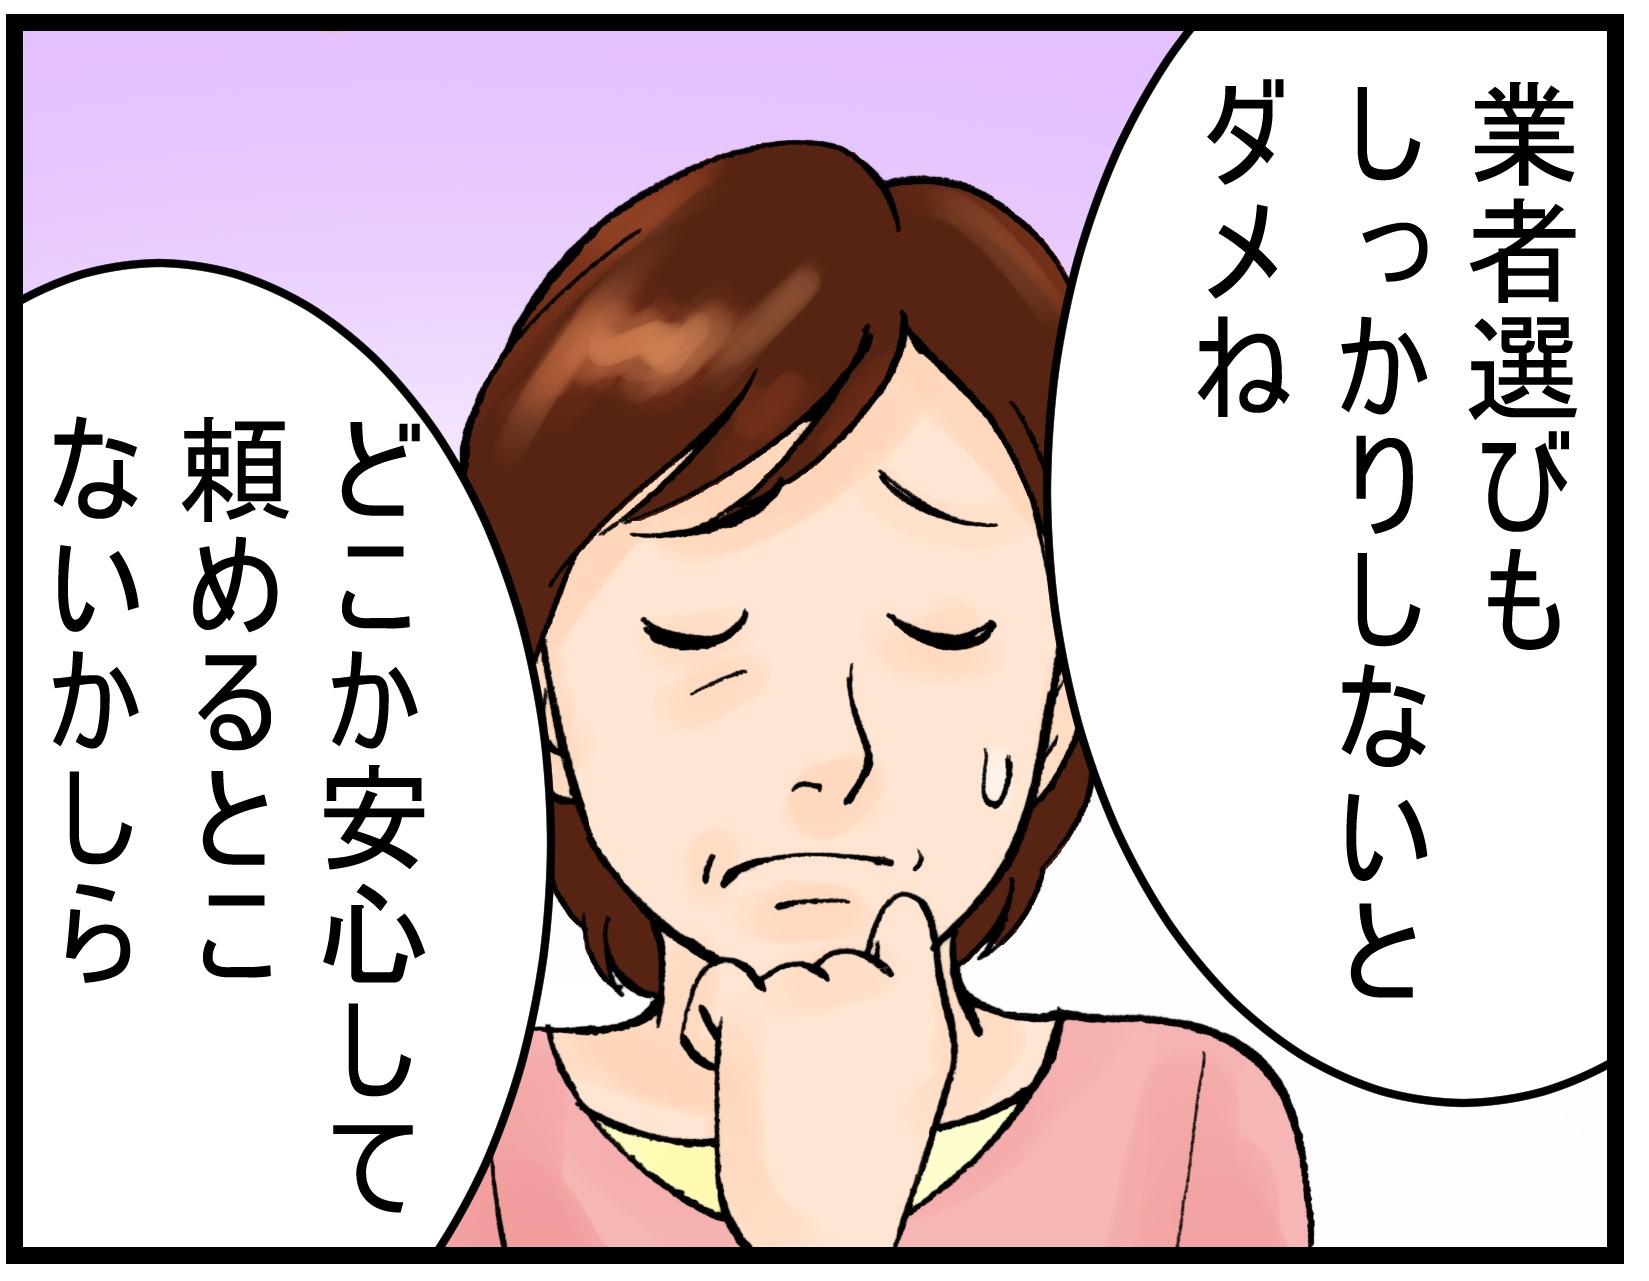 街の外壁塗装やさん さいたま伊奈店紹介漫画コマ3